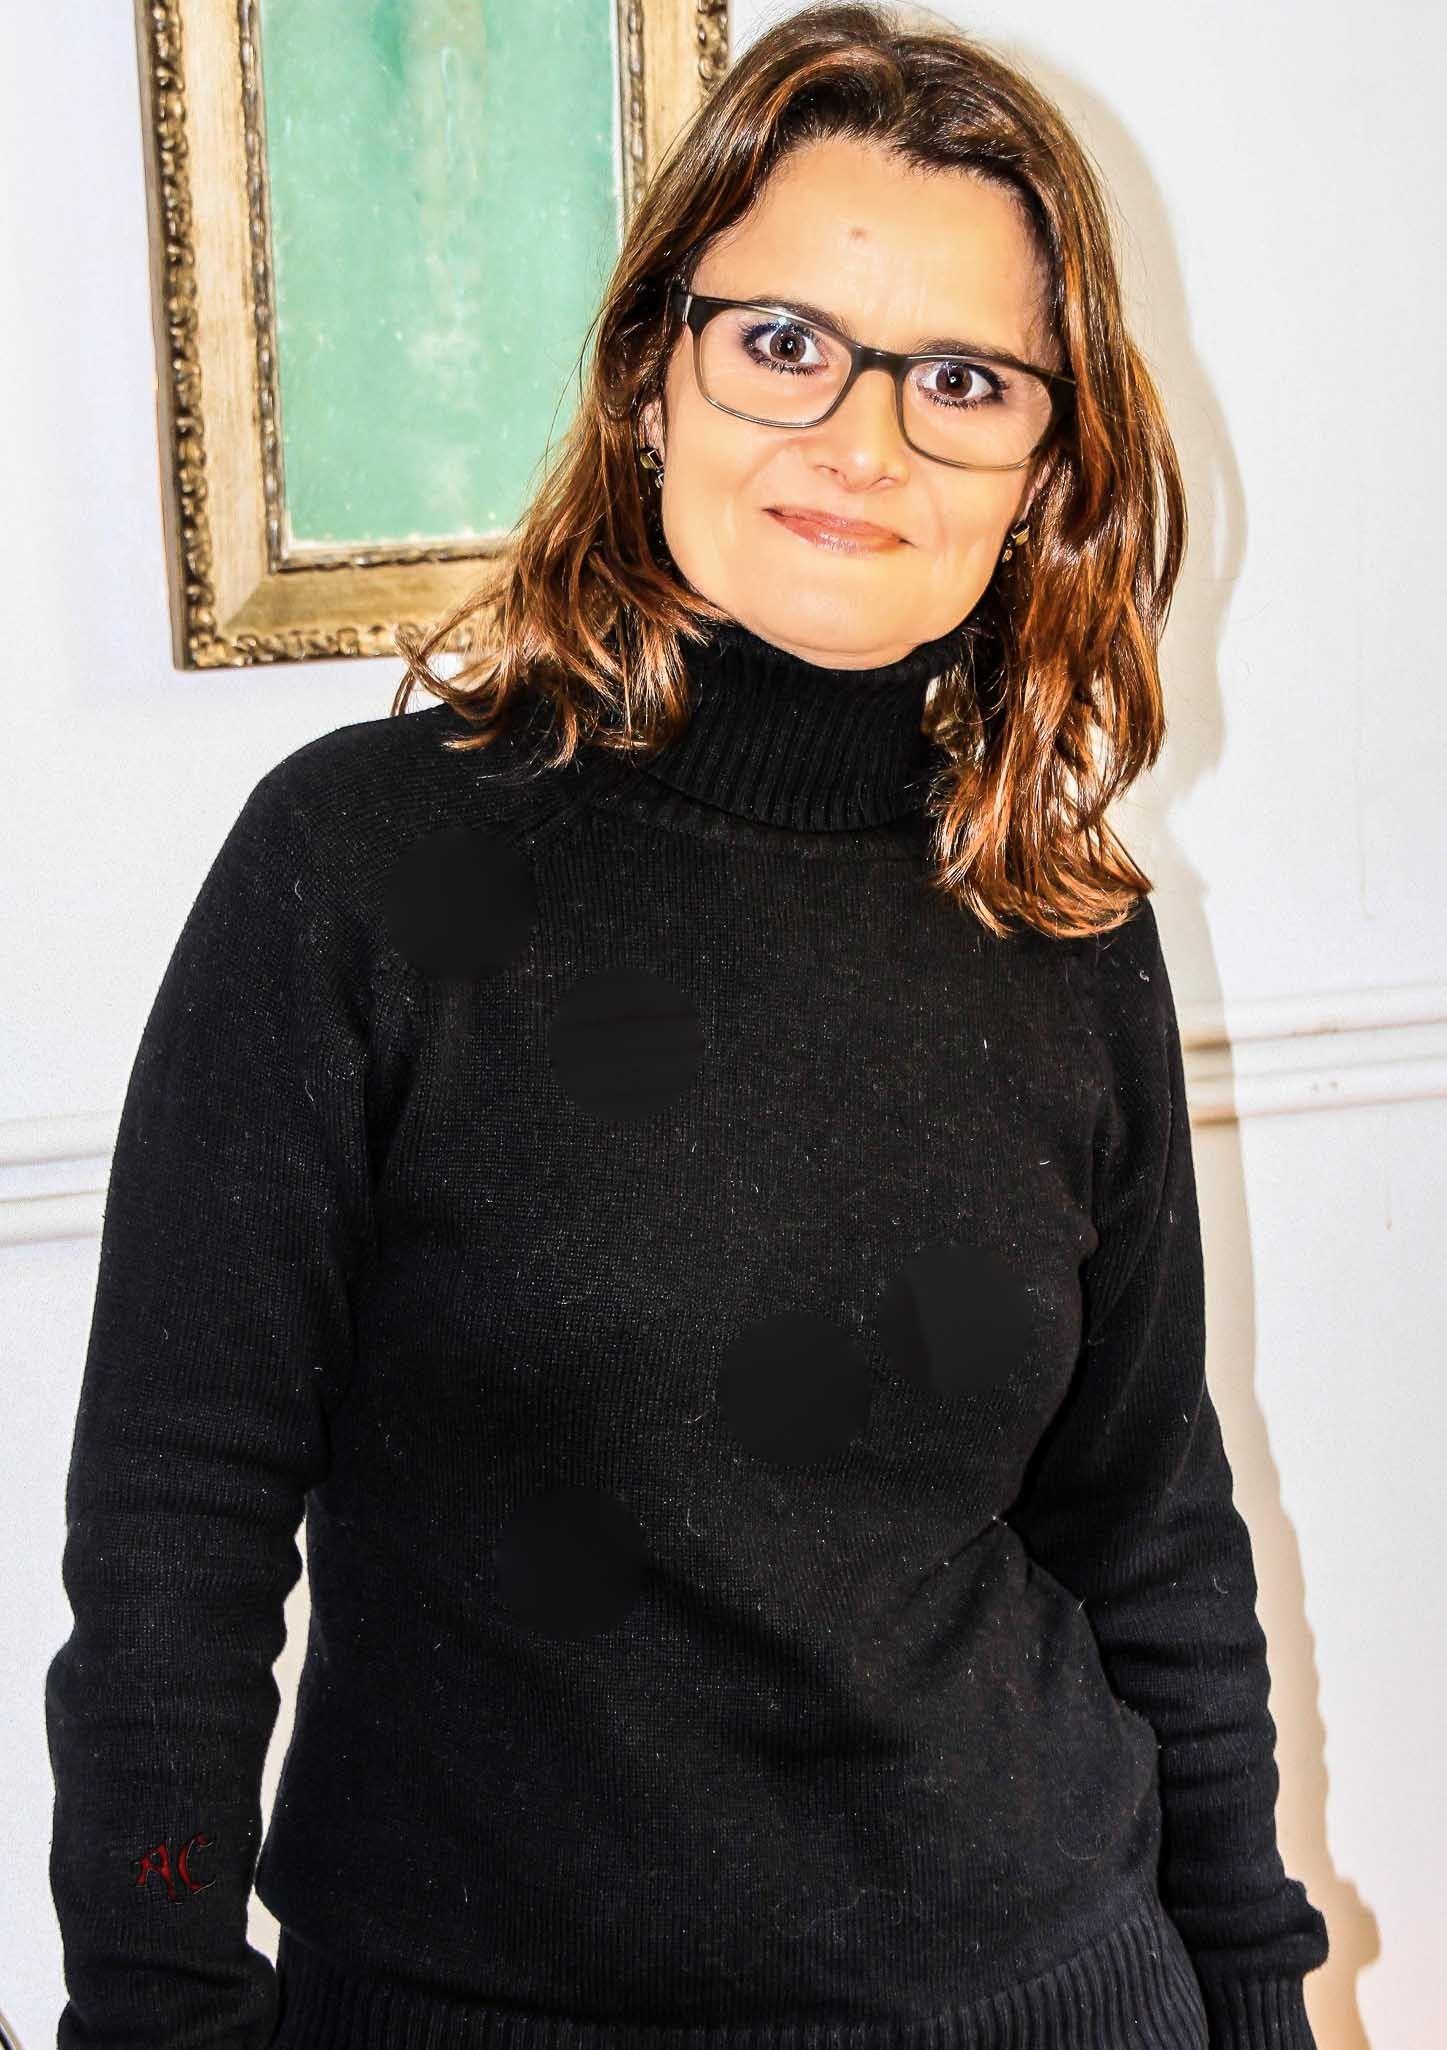 Paula Monica Betanzos